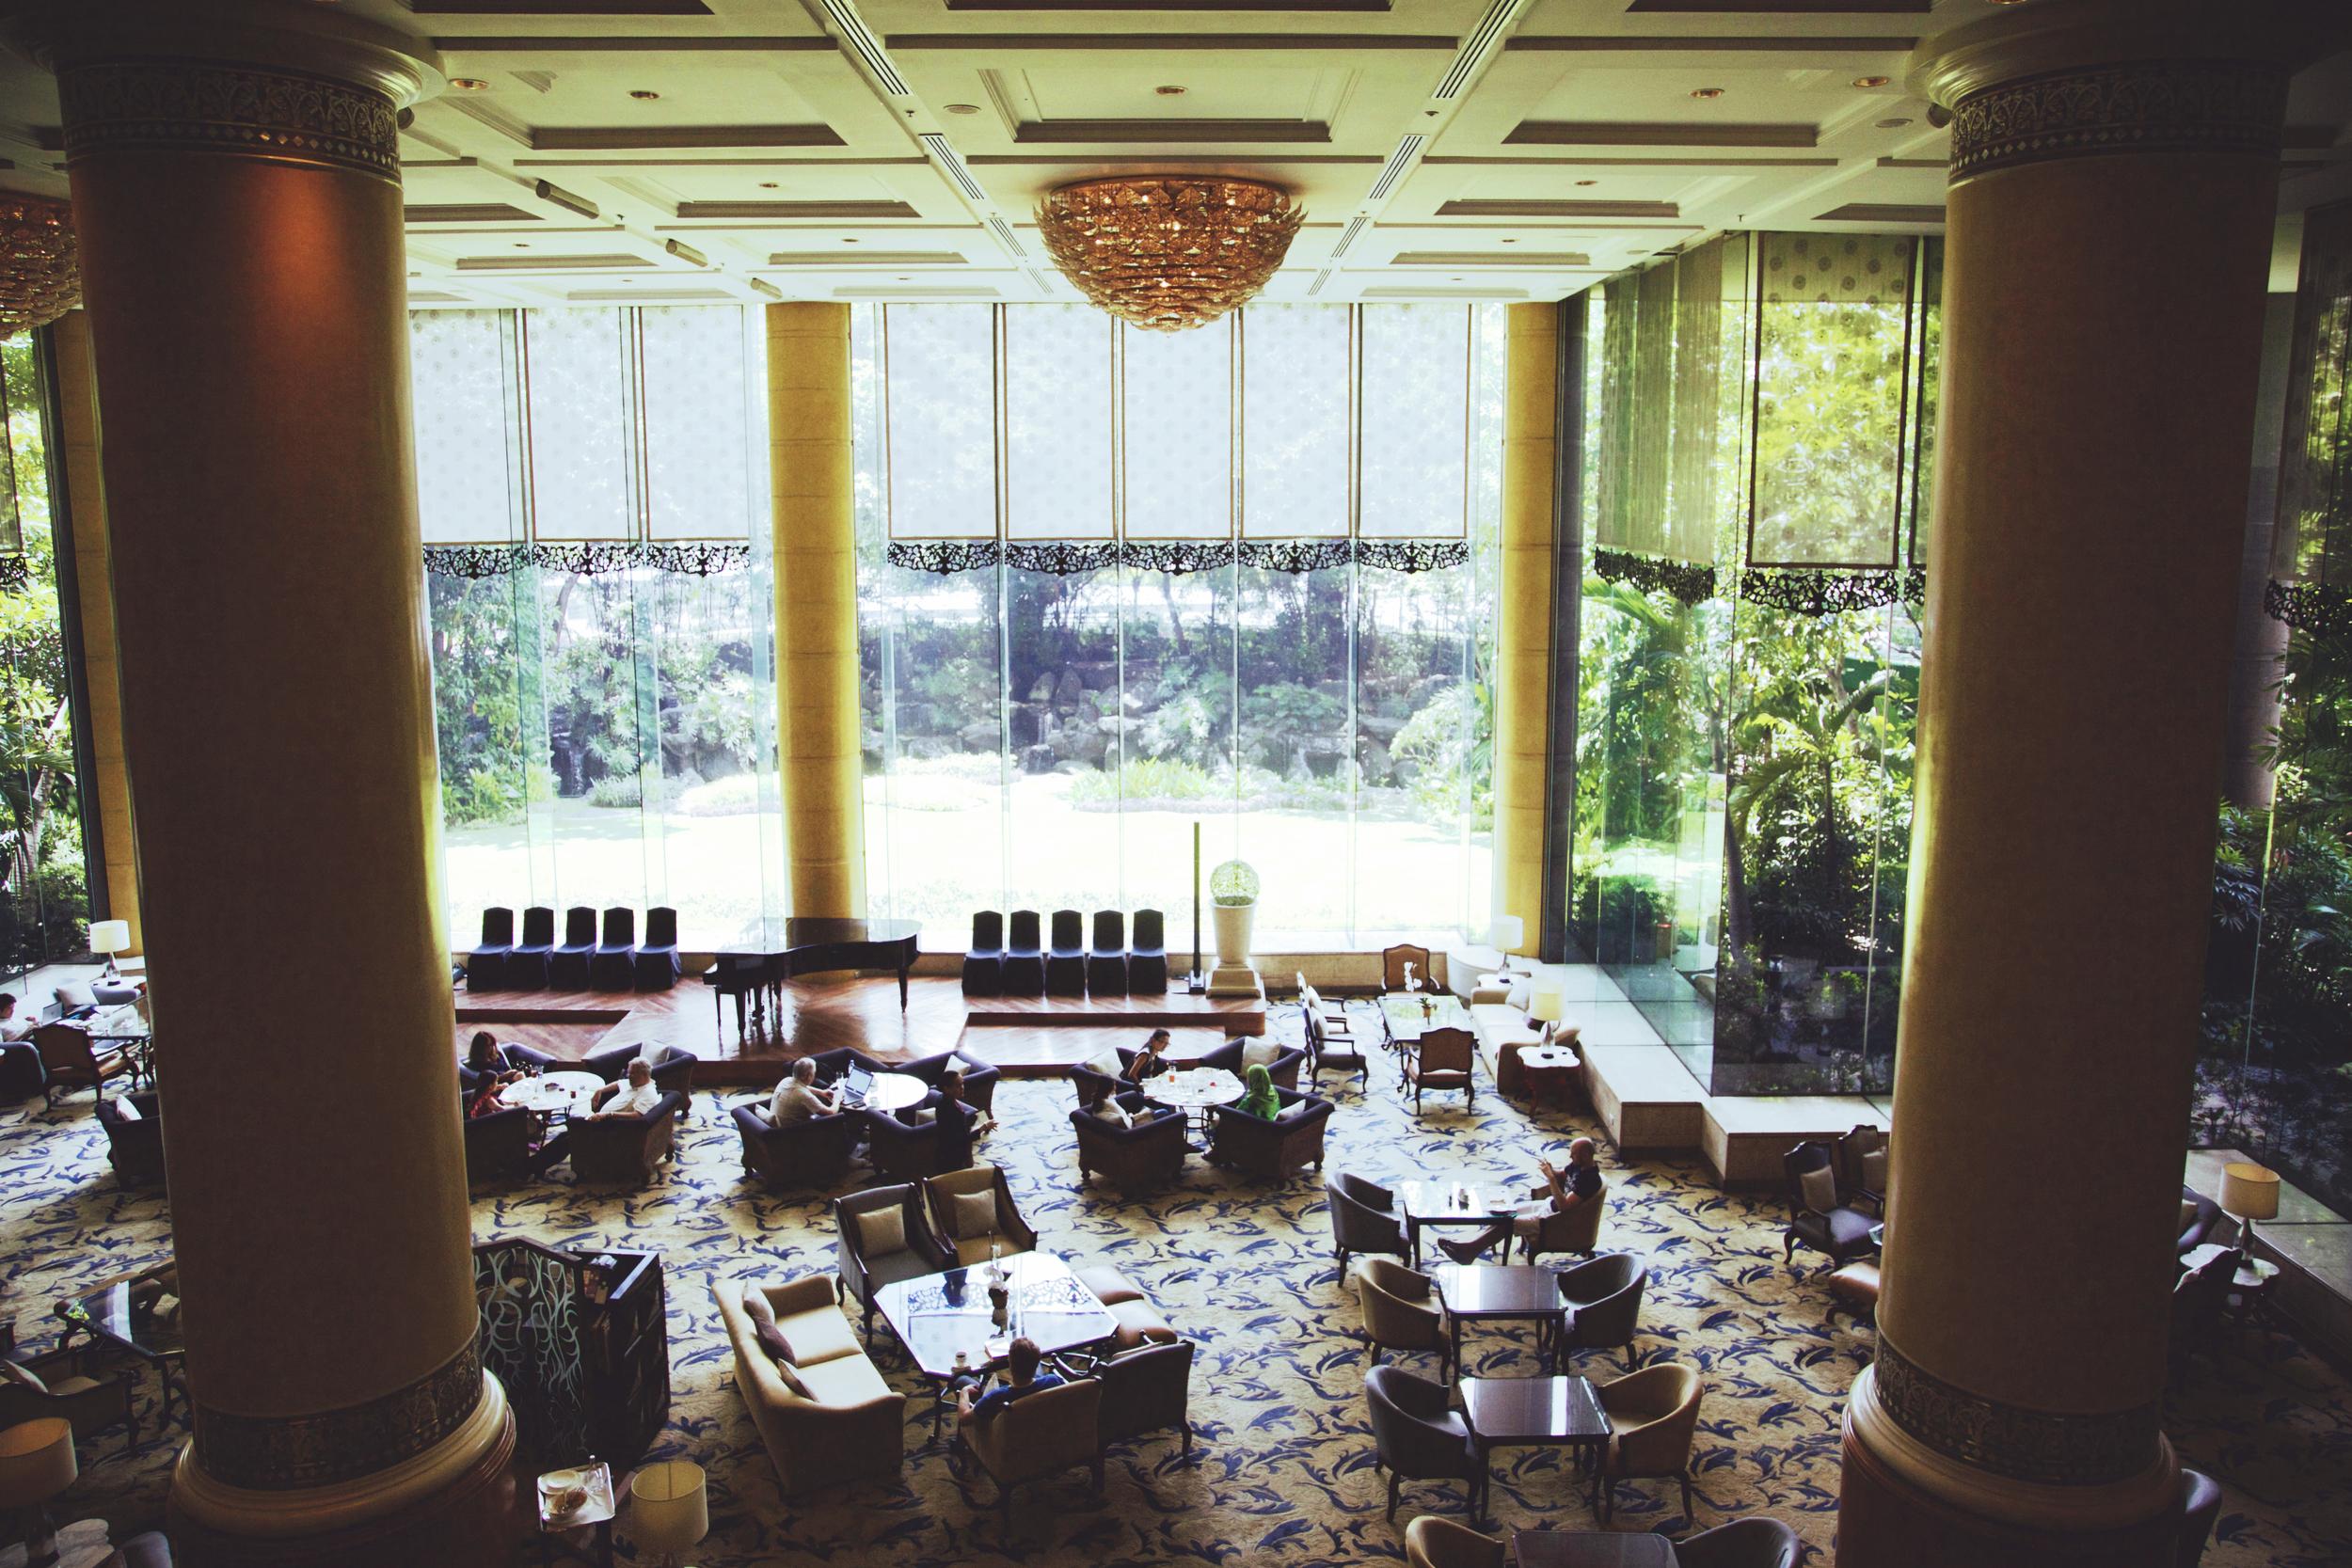 The lobby lounge in the Makati Shangri-La